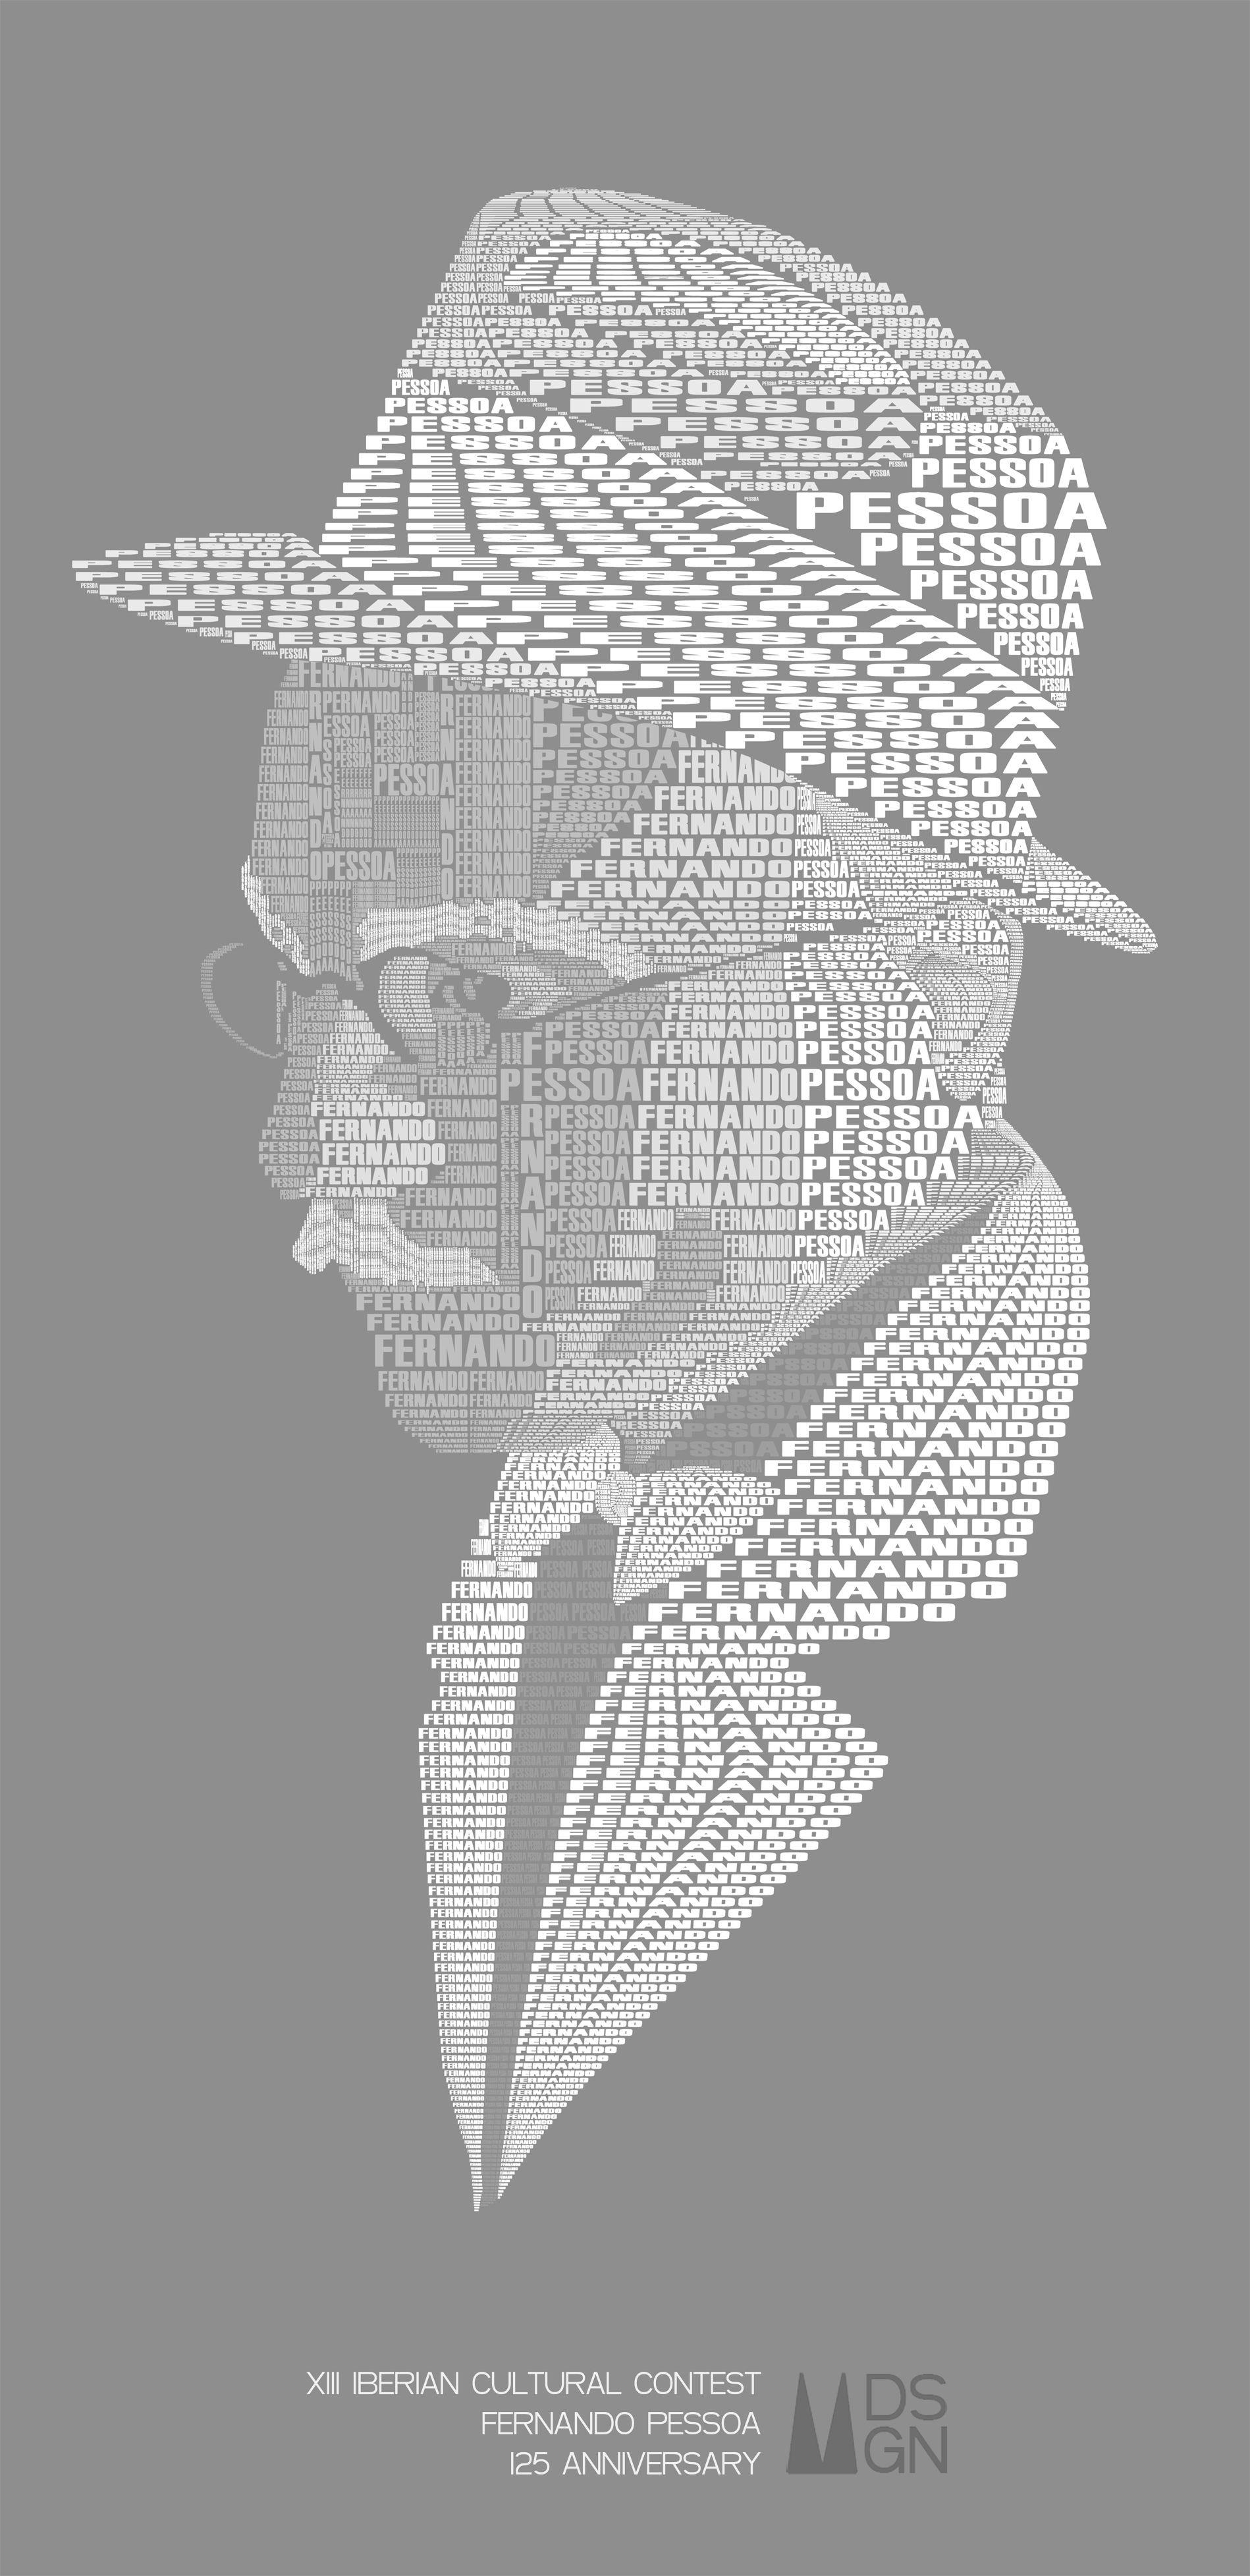 Manuel Palacios Graphic Design to the XIII Iberian Cultural Contest & Fernando Pessoa 125 Anniversary. Diseño gráfico para el XIII certamen cultural ibérico conmemorando el 125 aniversario Fernando Pessoa.